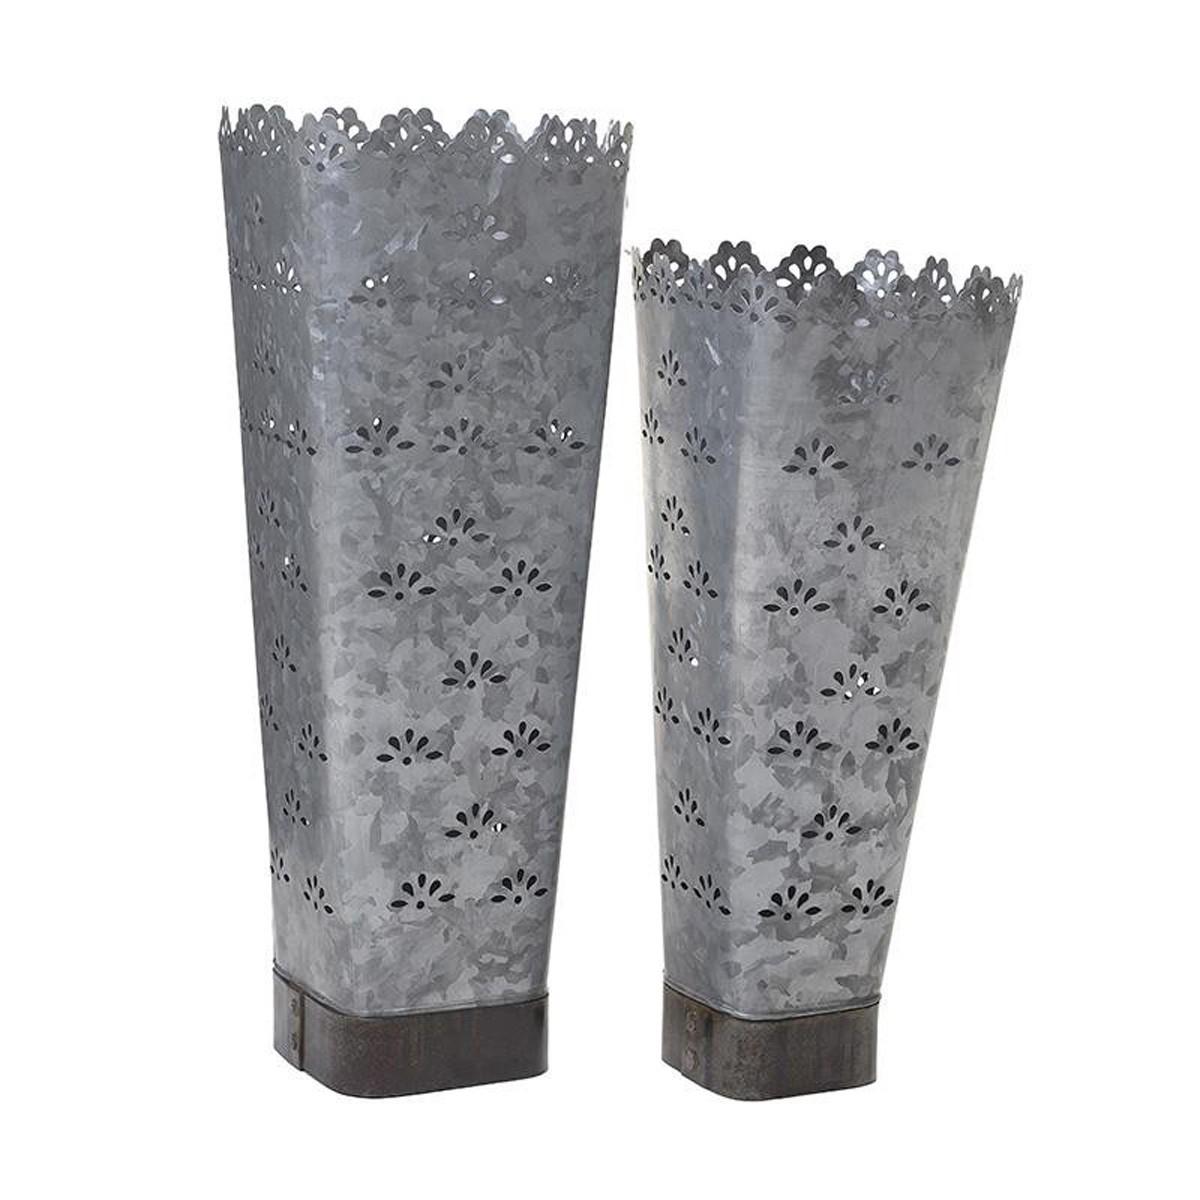 Ομπρελοθήκες (Σετ 2τμχ) InArt Lace 3-70-405-0057